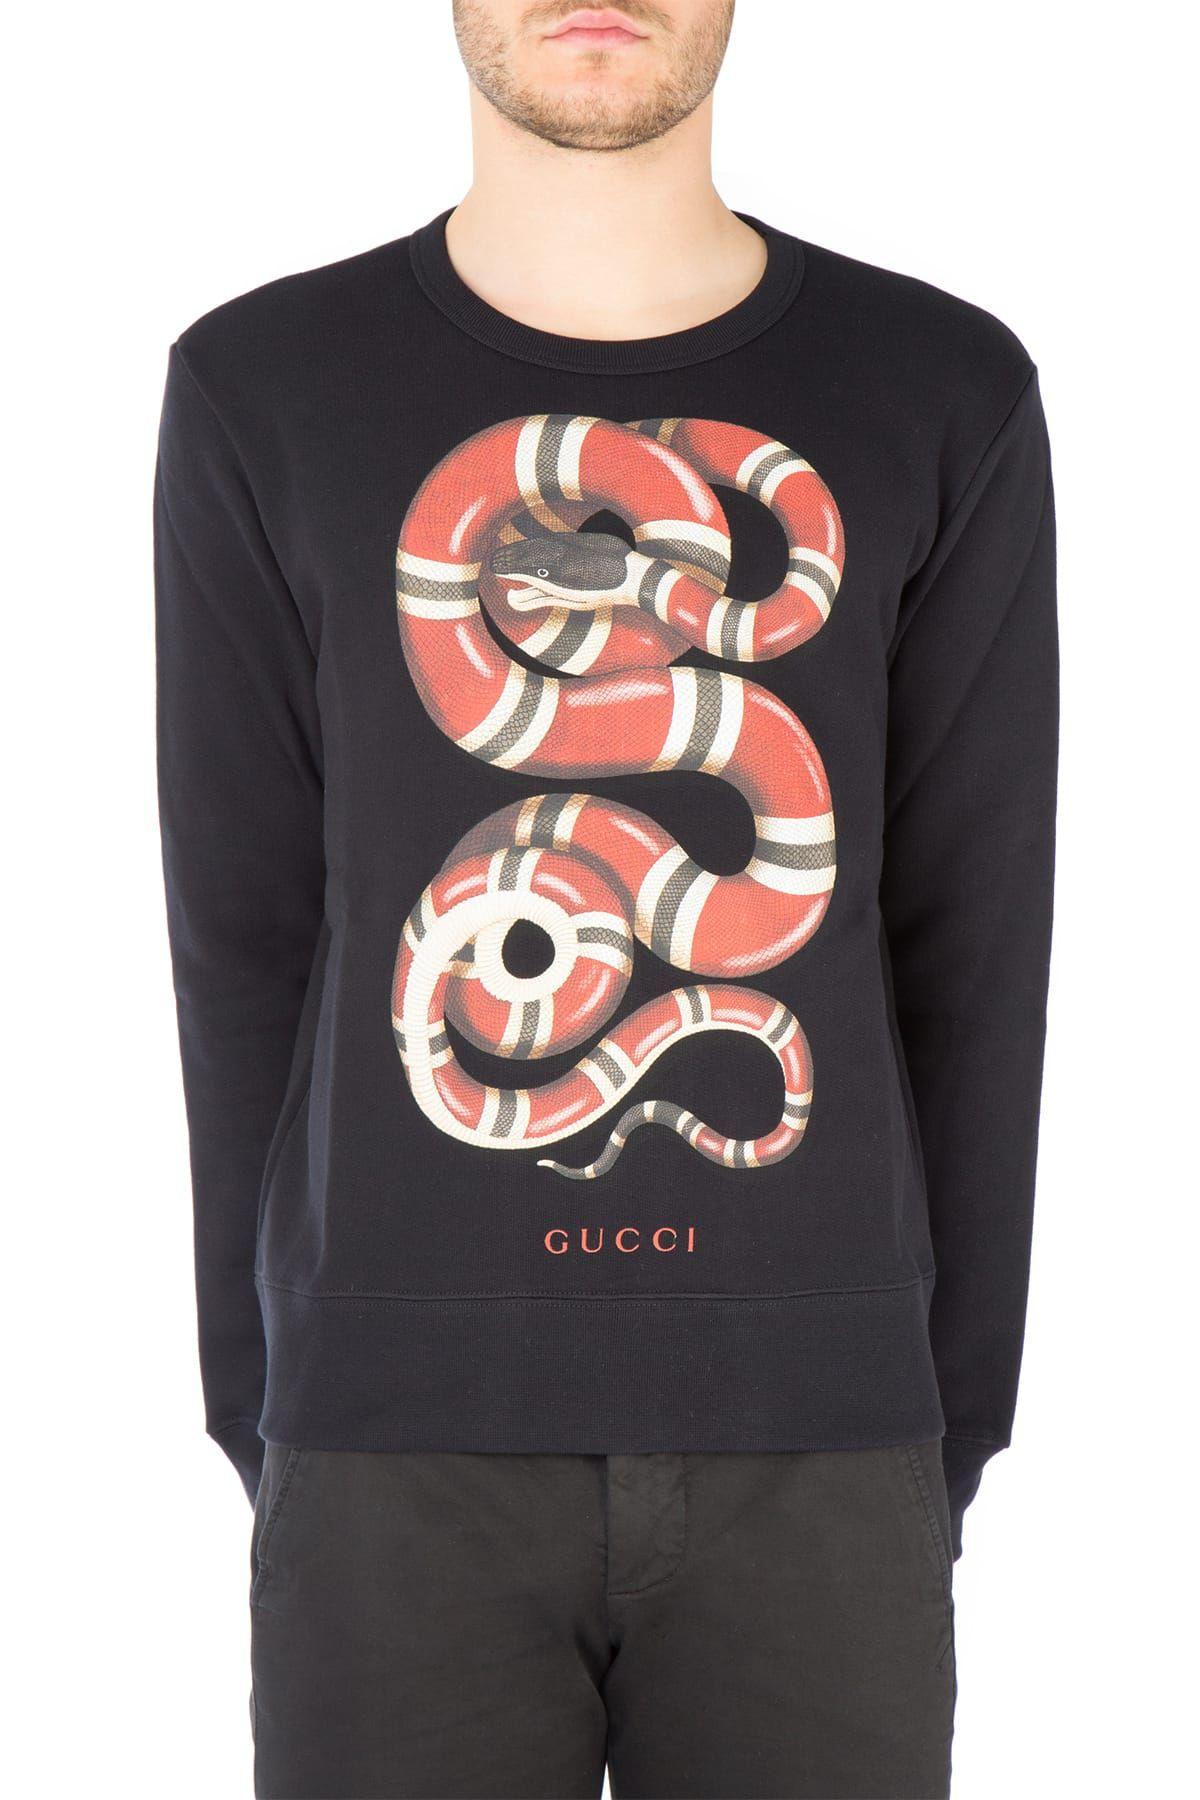 GUCCI Felpa realizzata in jersey di cotone felpato arricchita dalla stampa  Serpente Reale nella parte frontale 05320b3e518